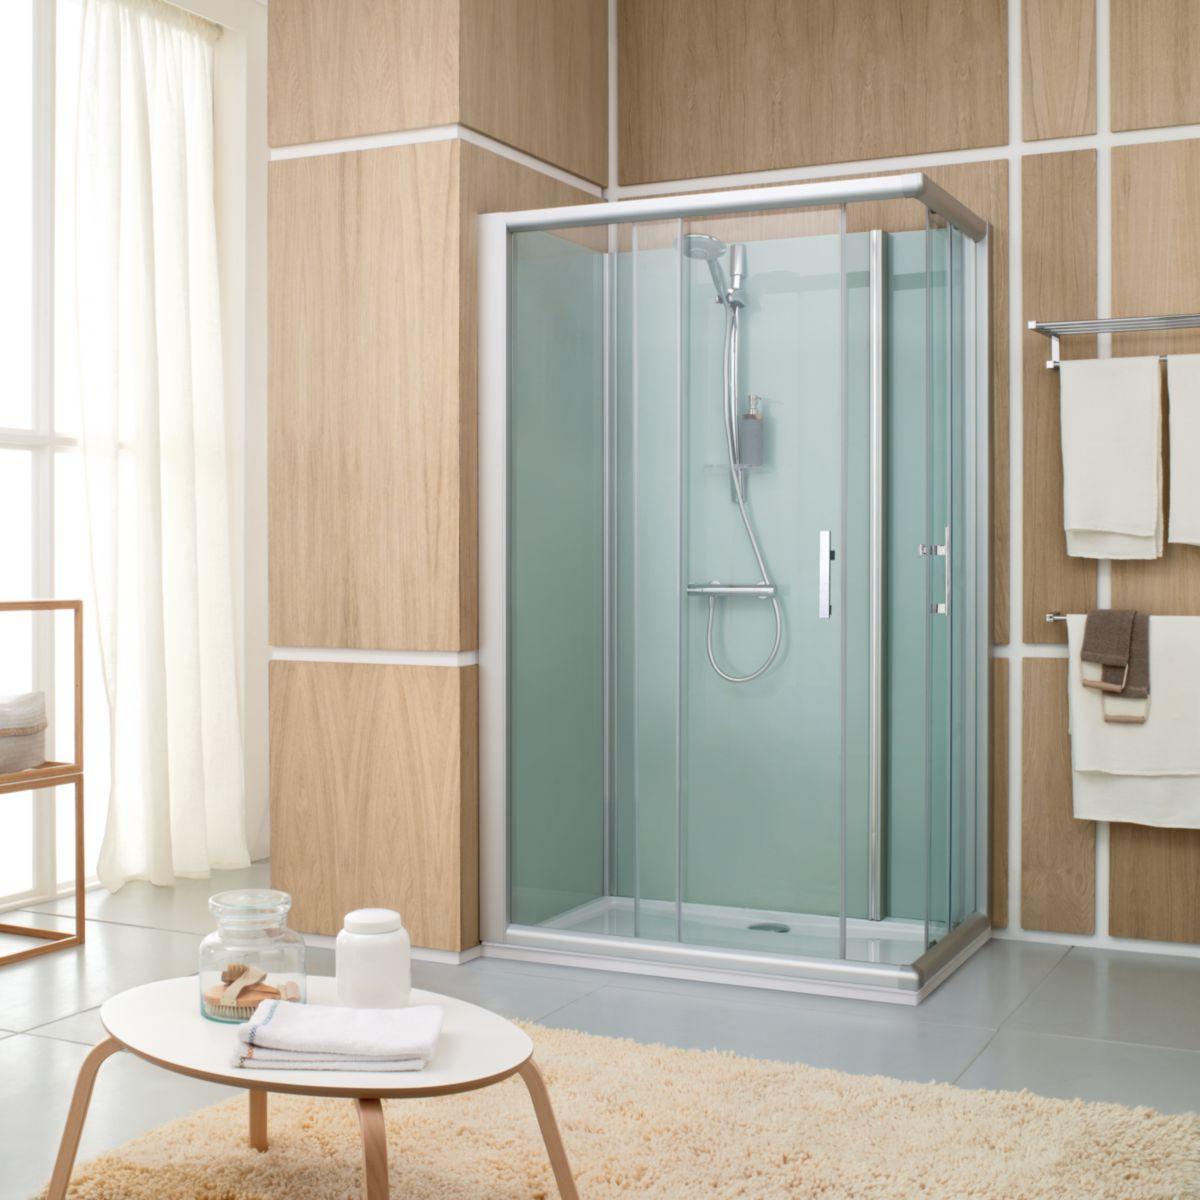 Cabine de douche fermée Access Confort 120x80 mm angle porte coulissante à verre transparent gris réf. L11AC4R1802